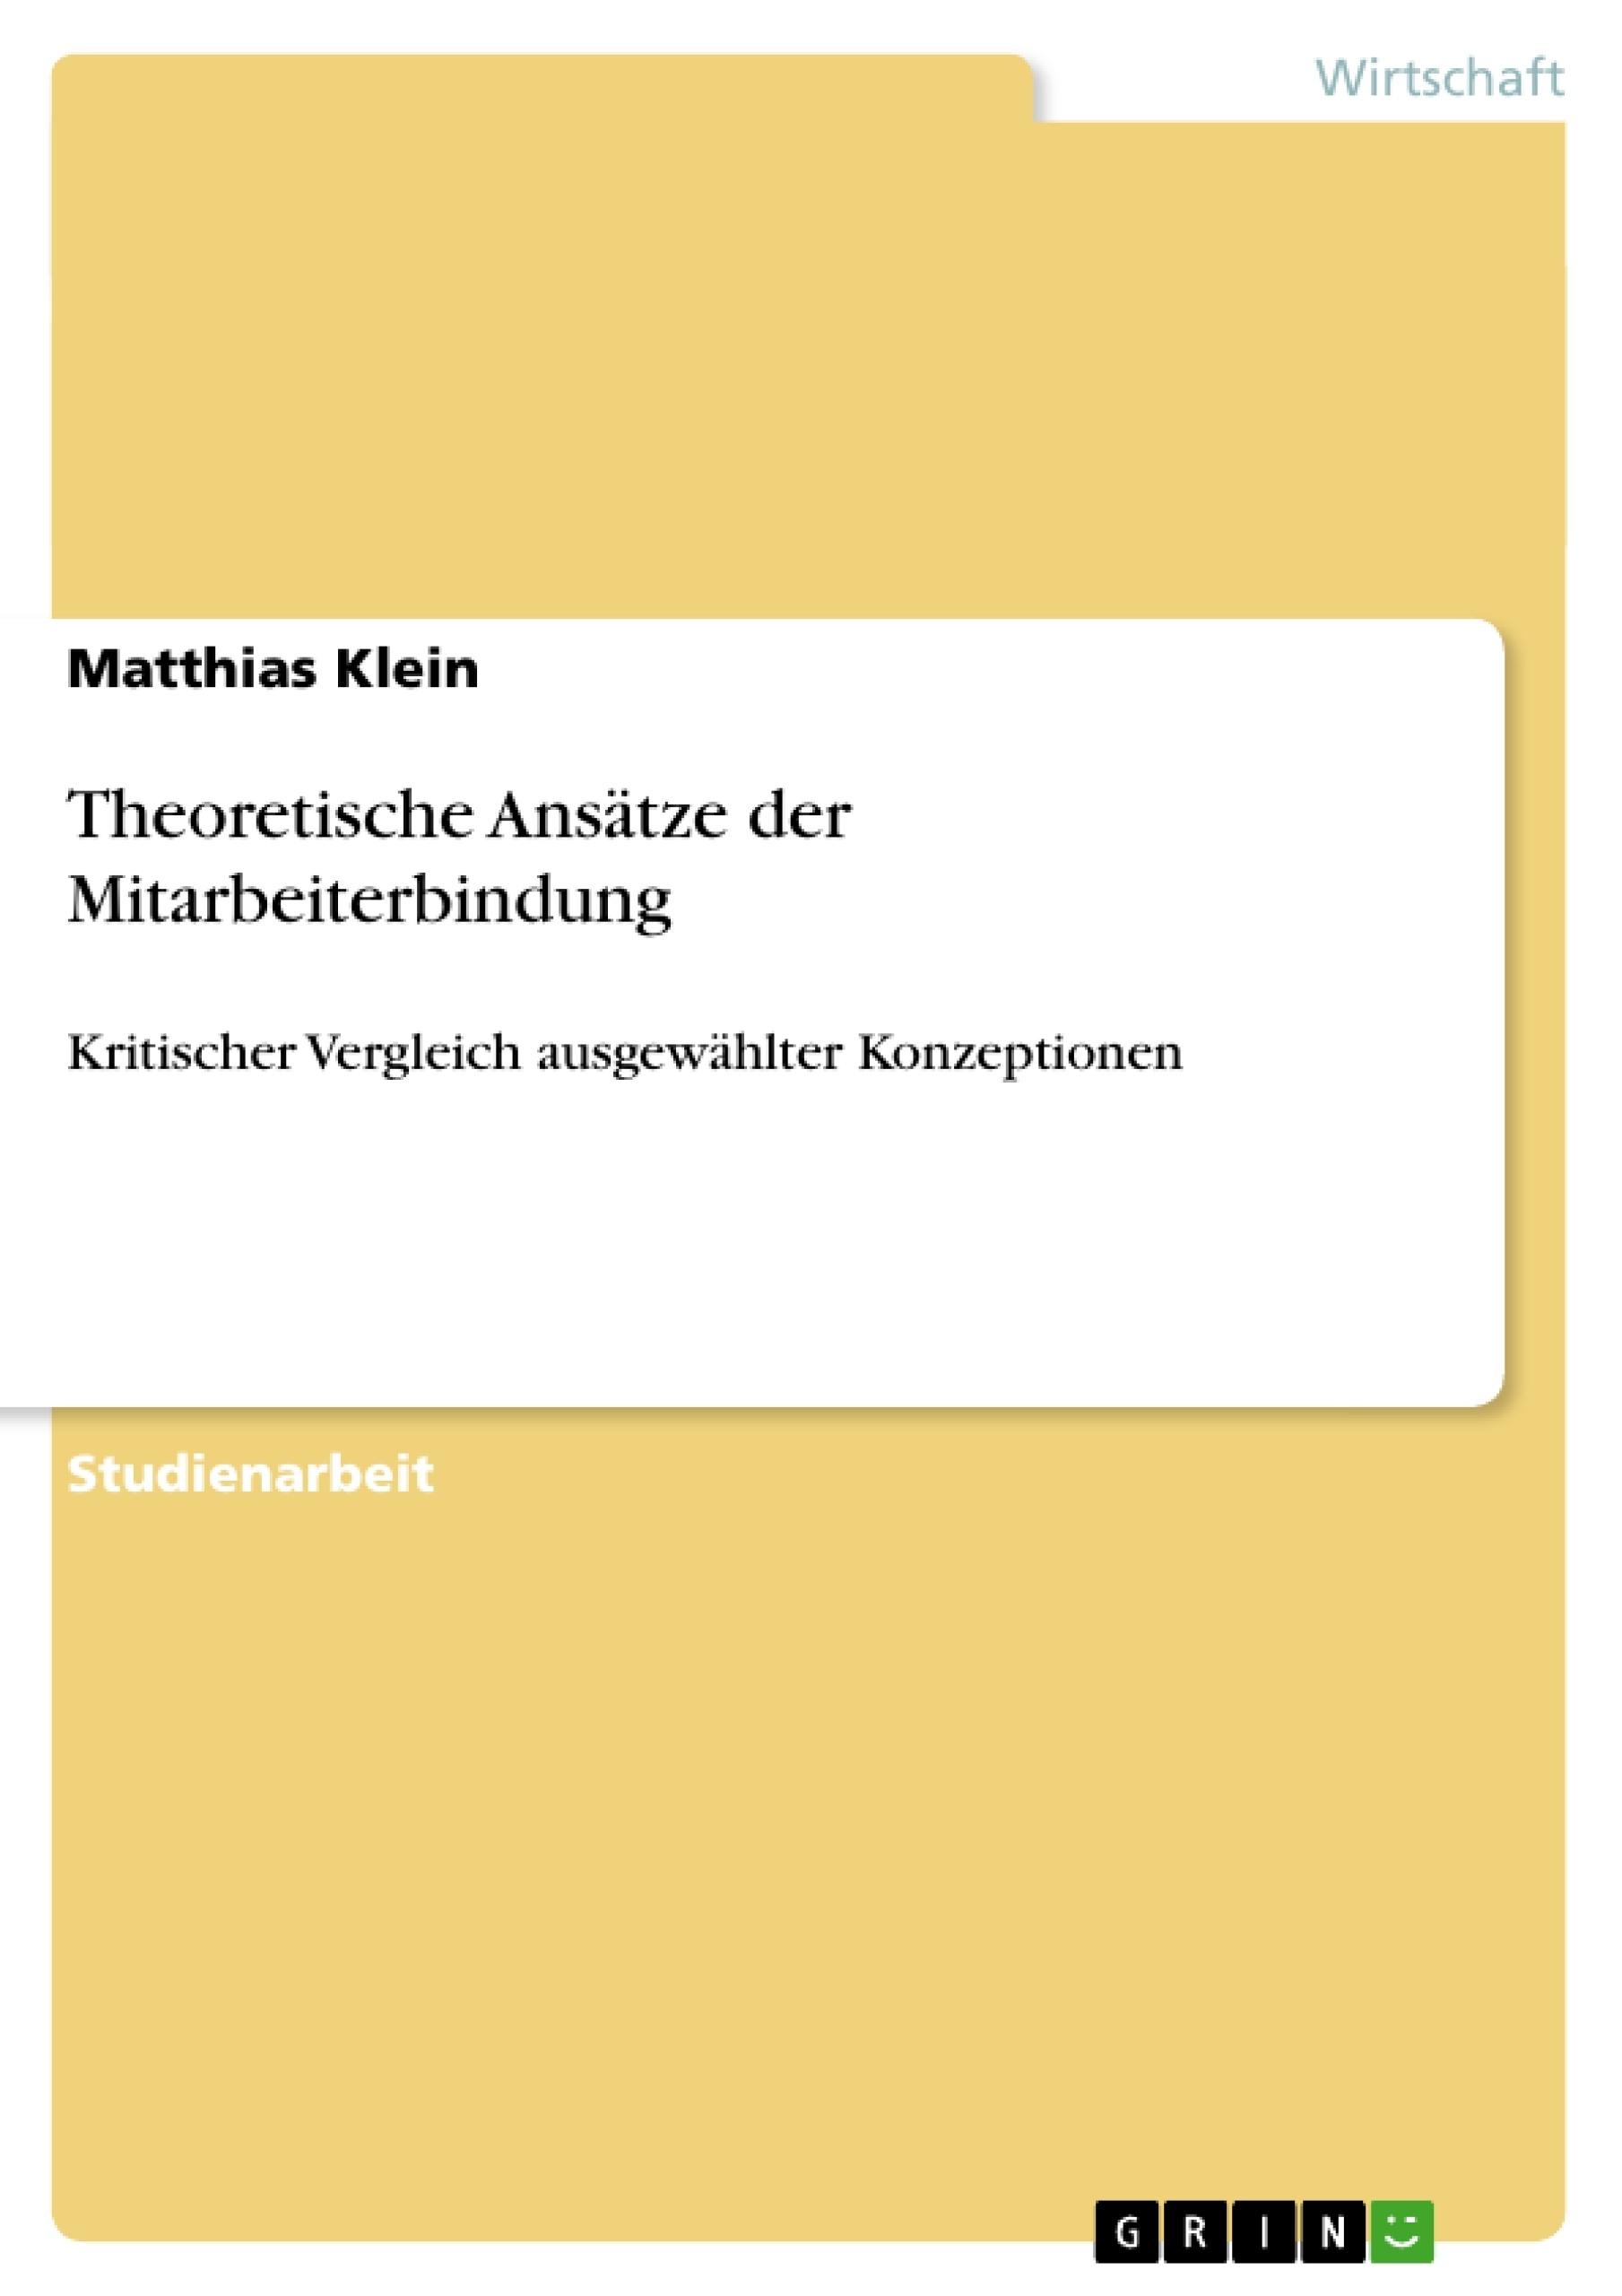 Titel: Theoretische Ansätze der Mitarbeiterbindung